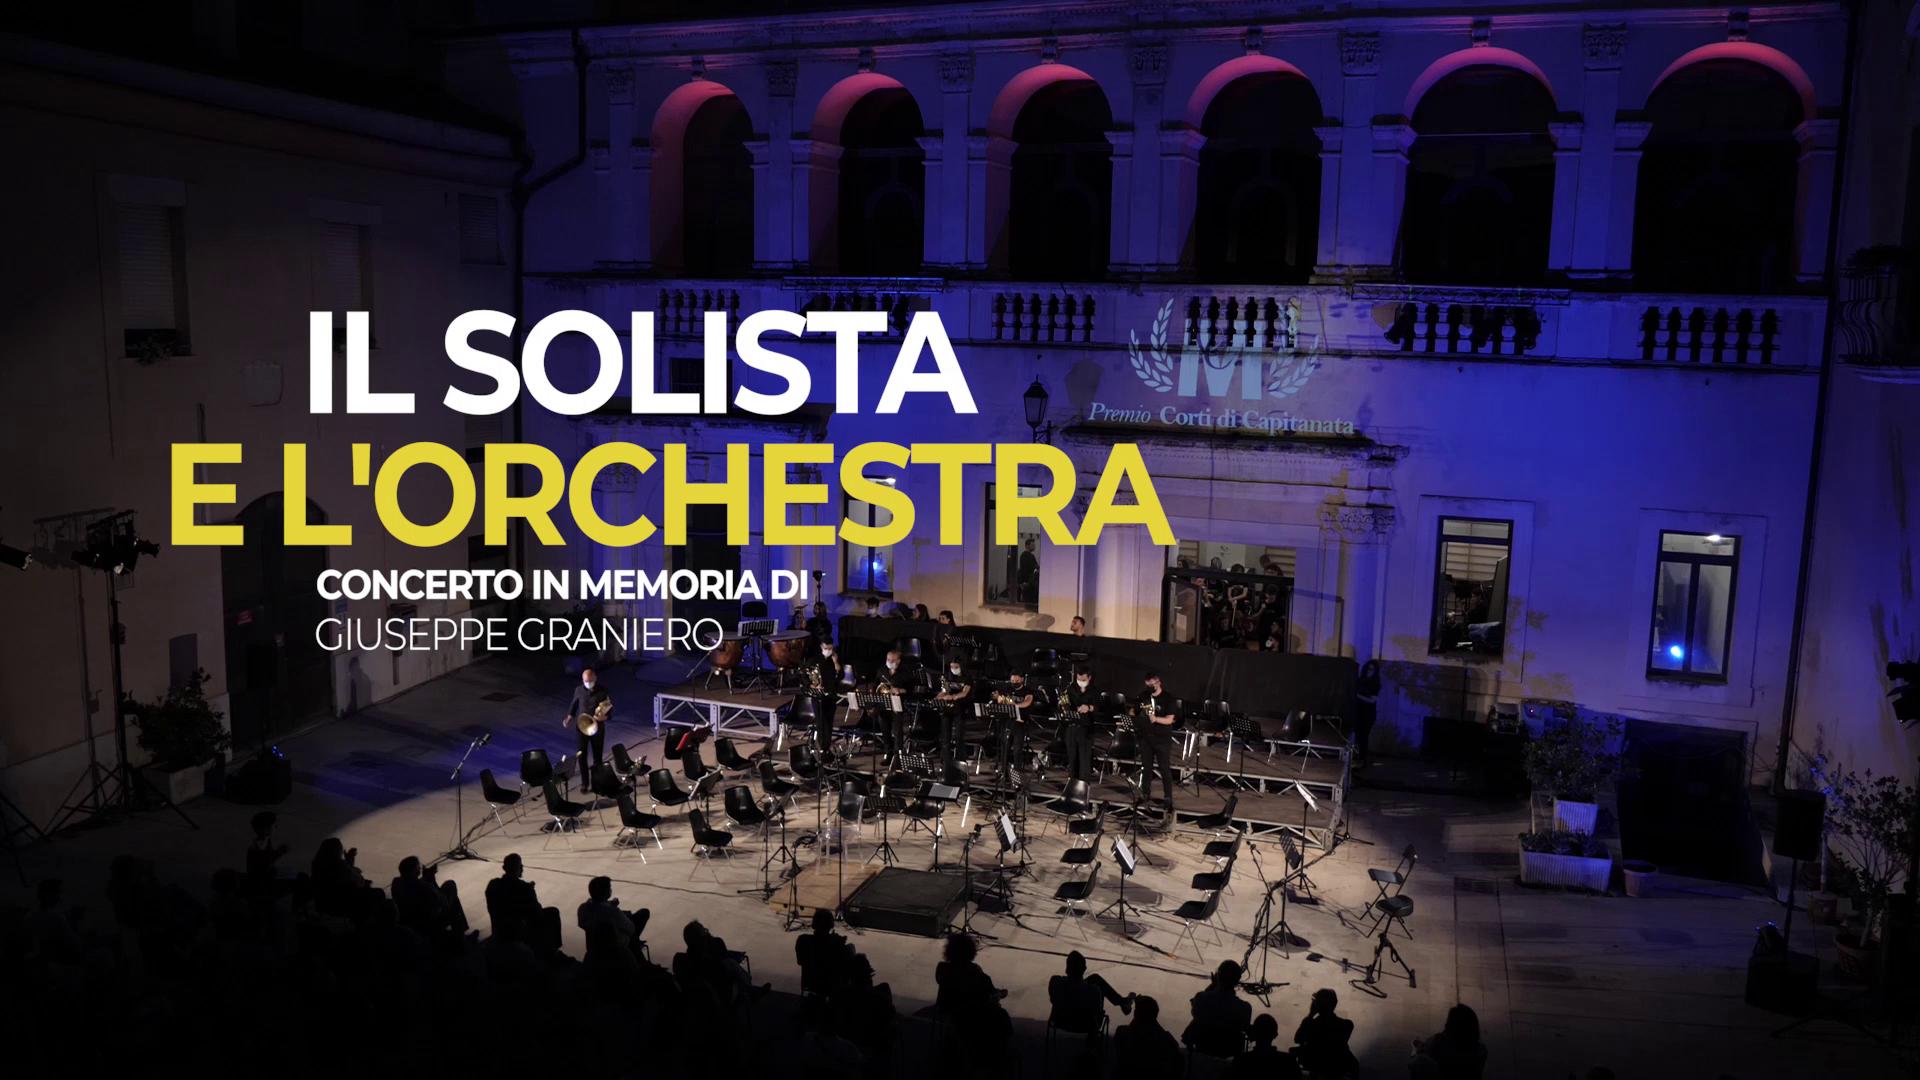 8 – 09/07 – IL SOLISTA E L'ORCHESTRA